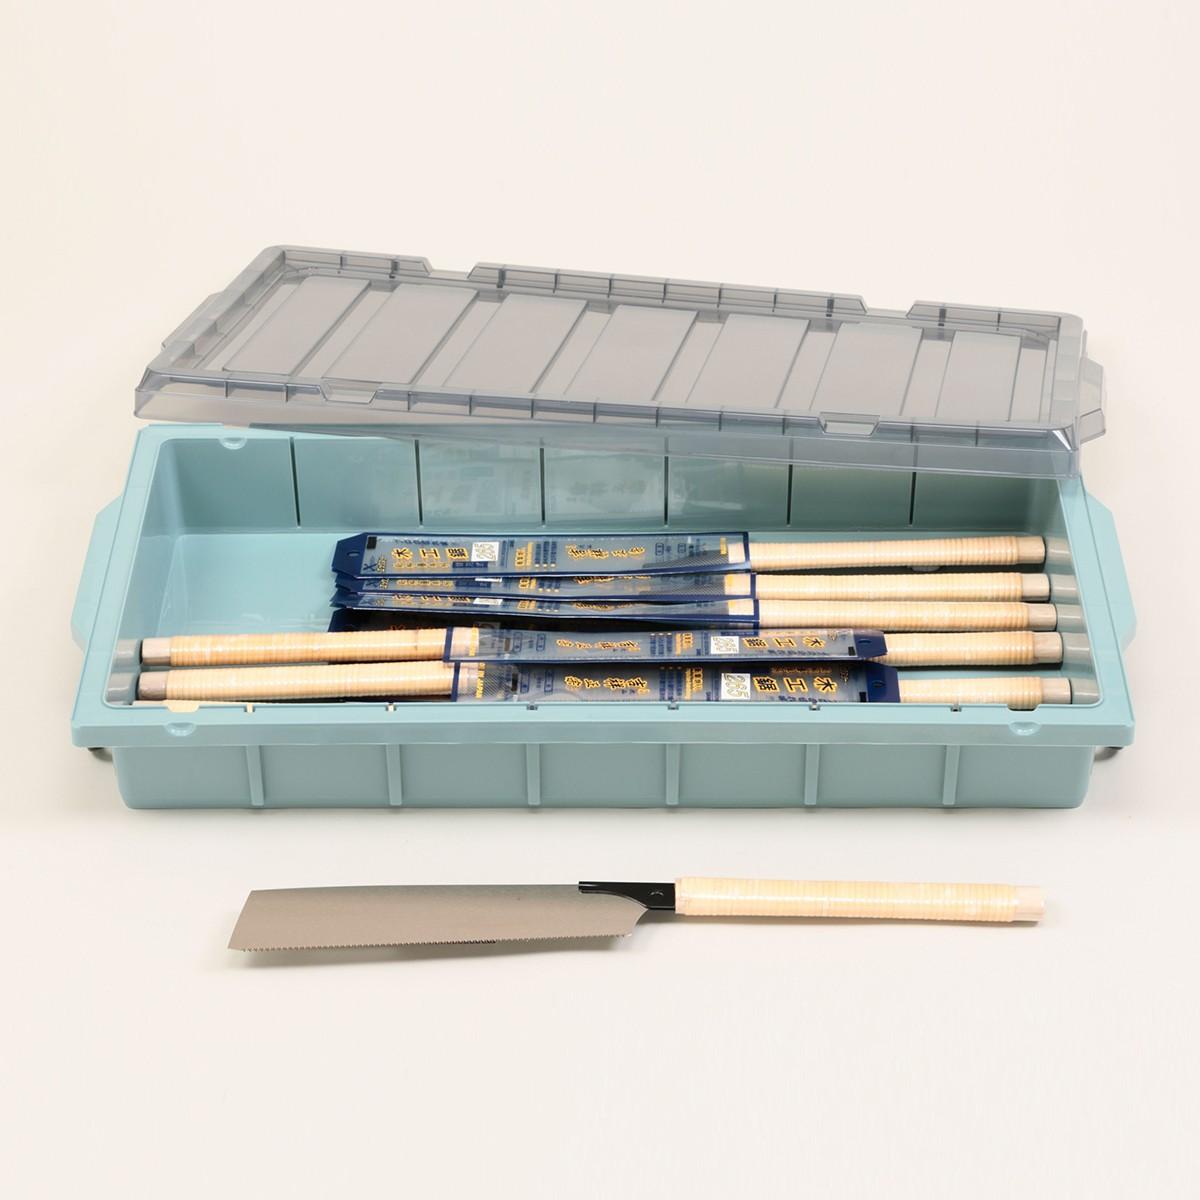 片刃のこぎり 吉祥正宗 替刃式 265mm 10丁組(ケース付) 【 木工 木彫 木工具 のこぎり 片刃 】